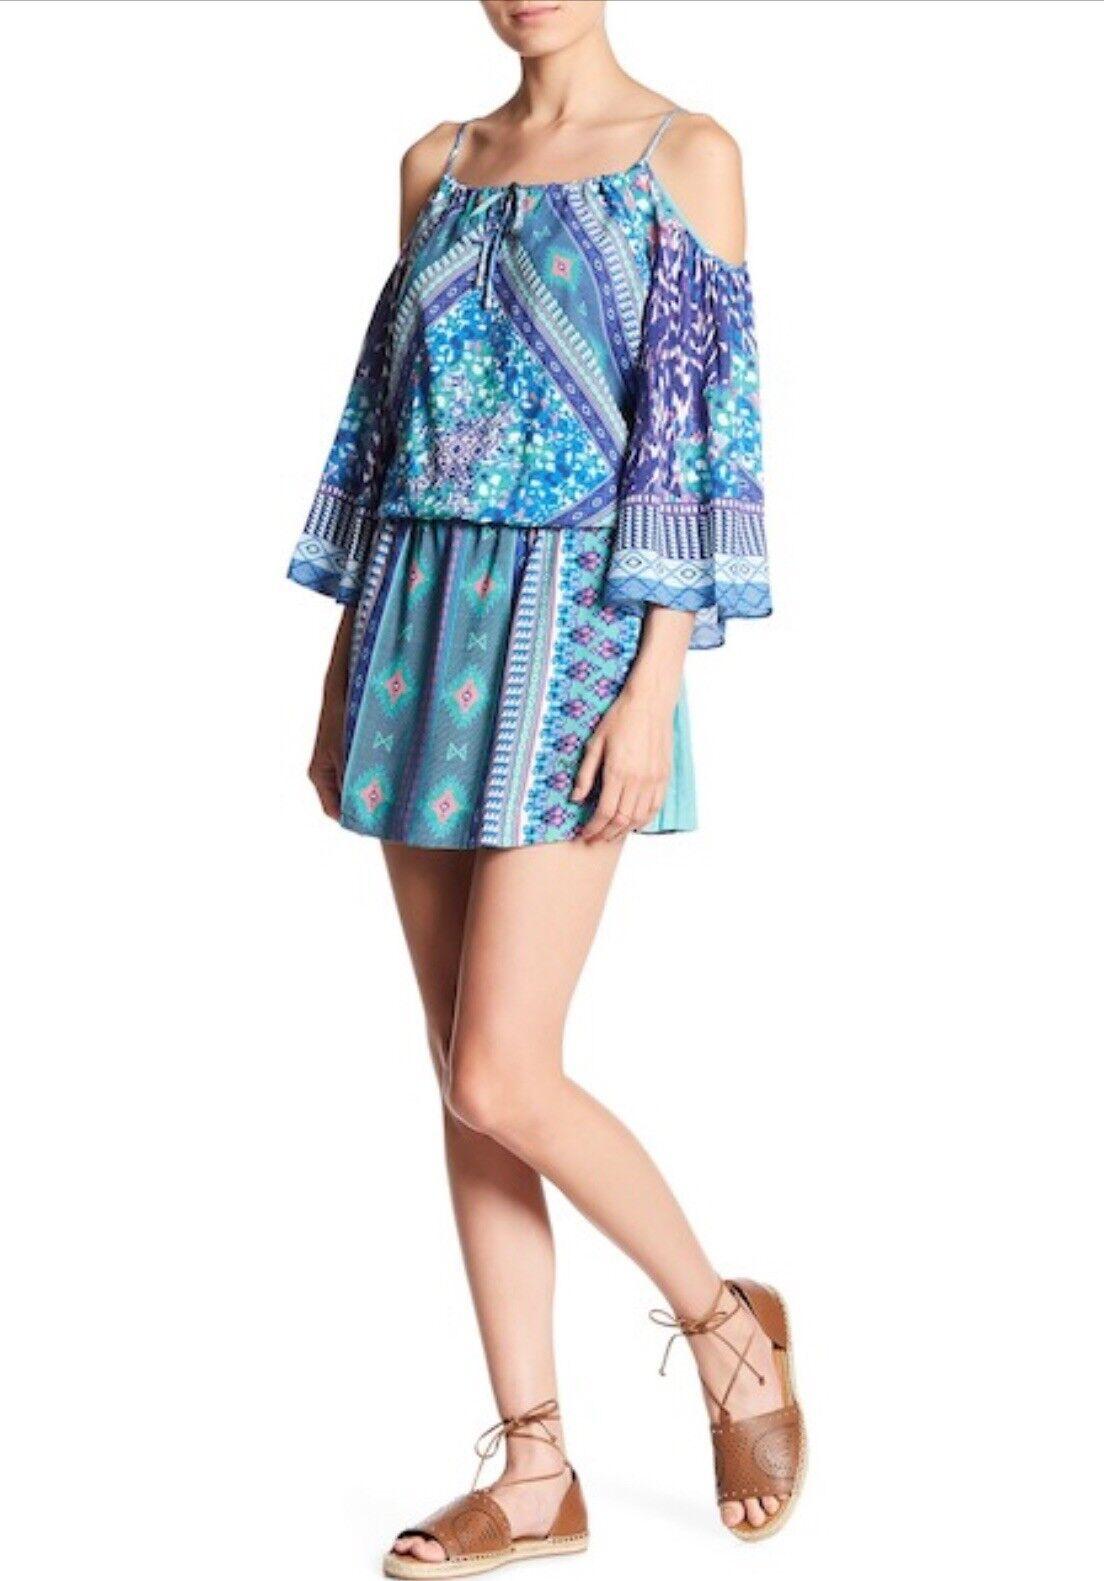 Hale Bob - Cold-Shoulder Blouson Dress Size Small Purple bluee